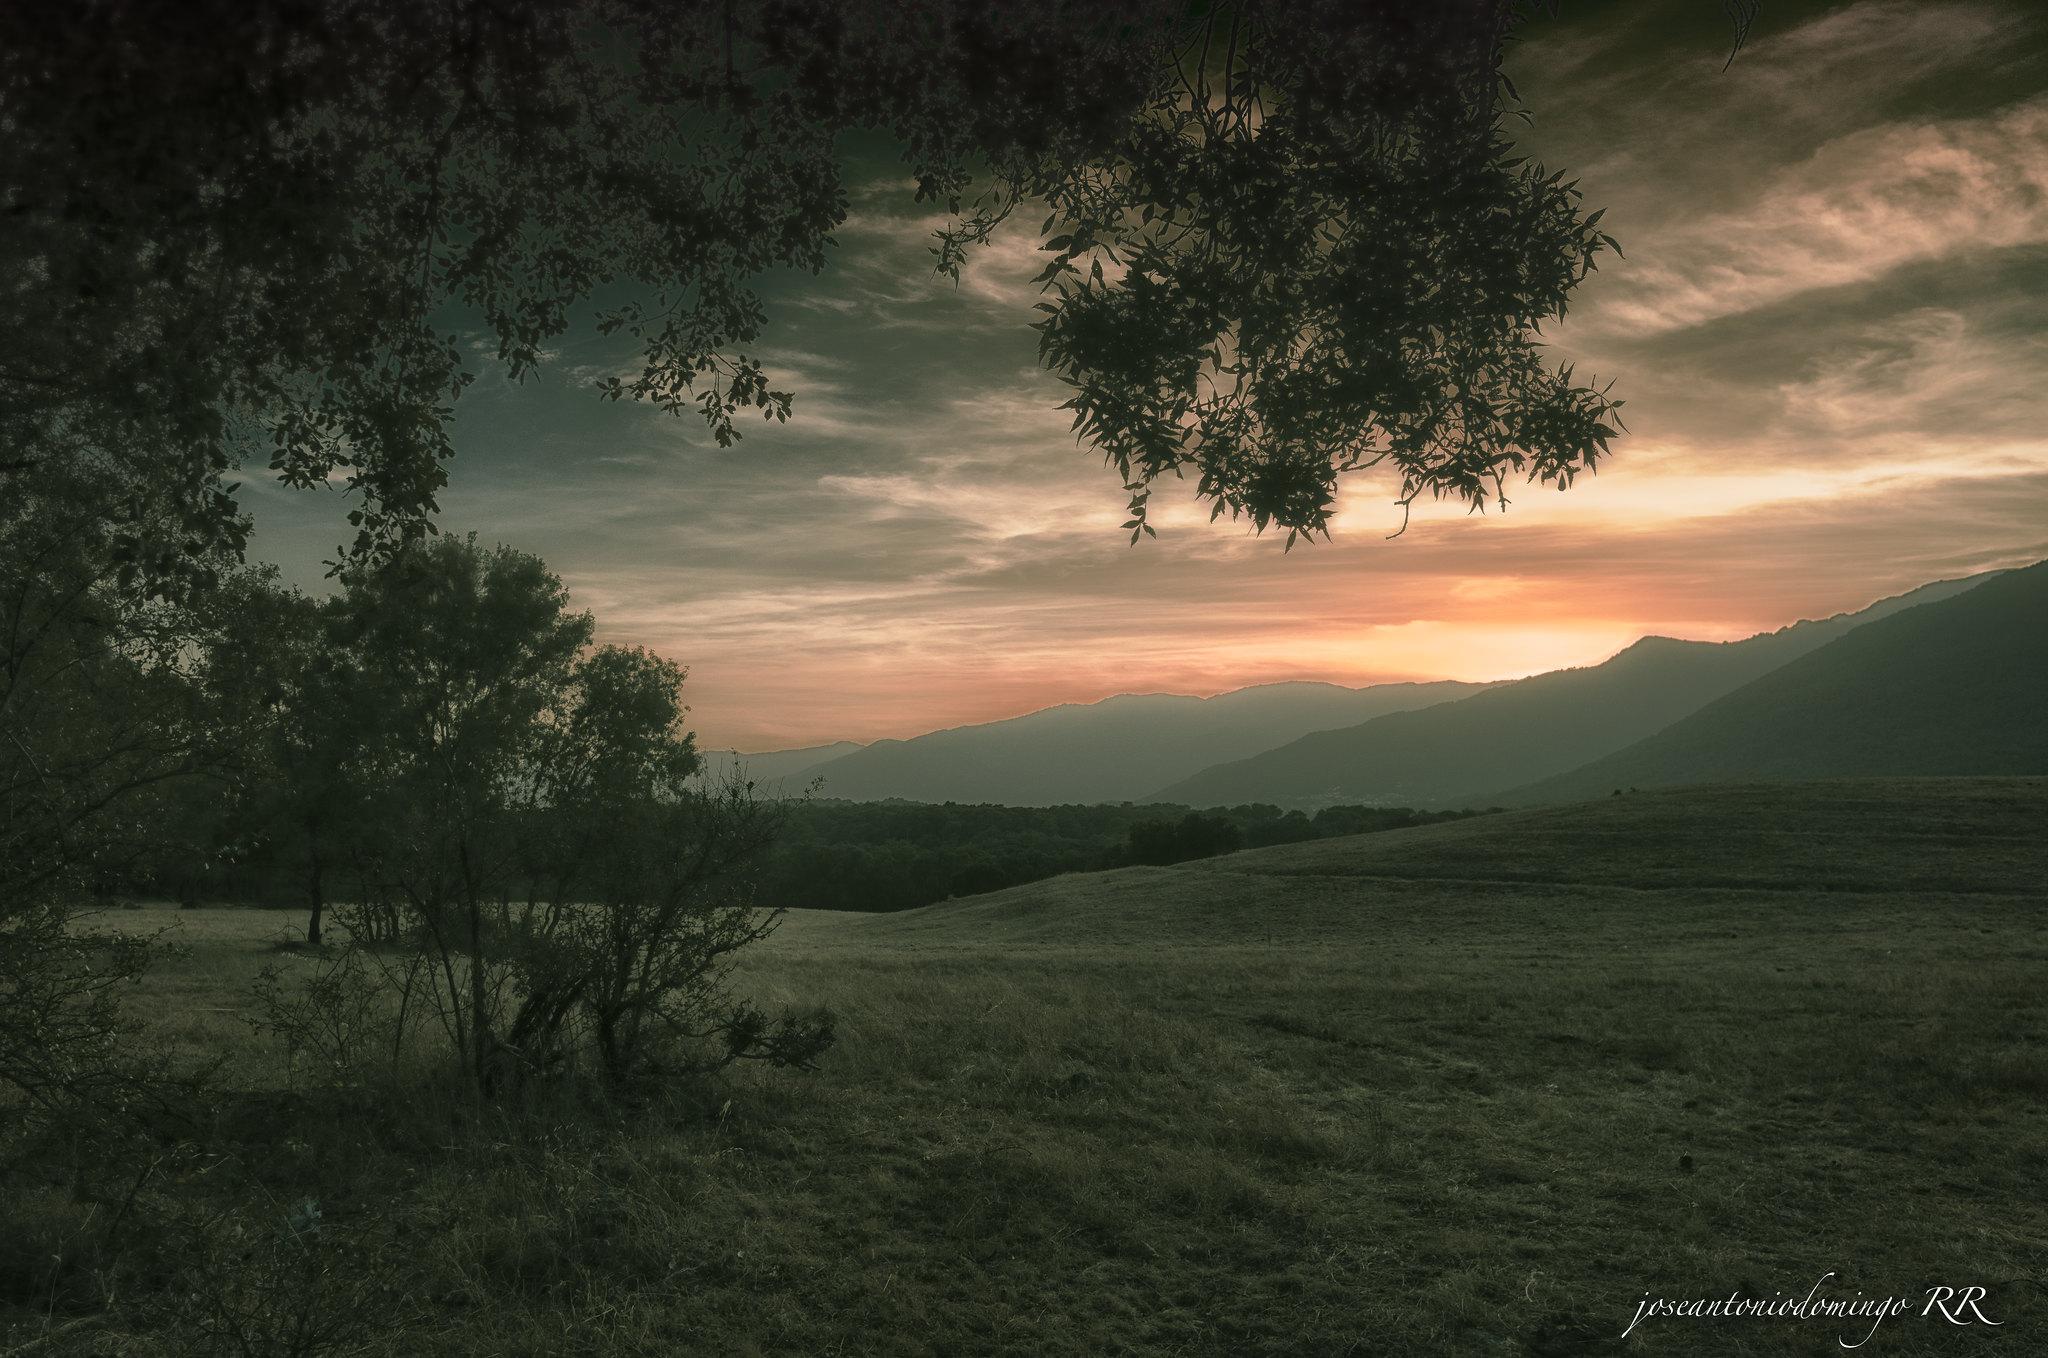 Campos de La Adrada al anochecer